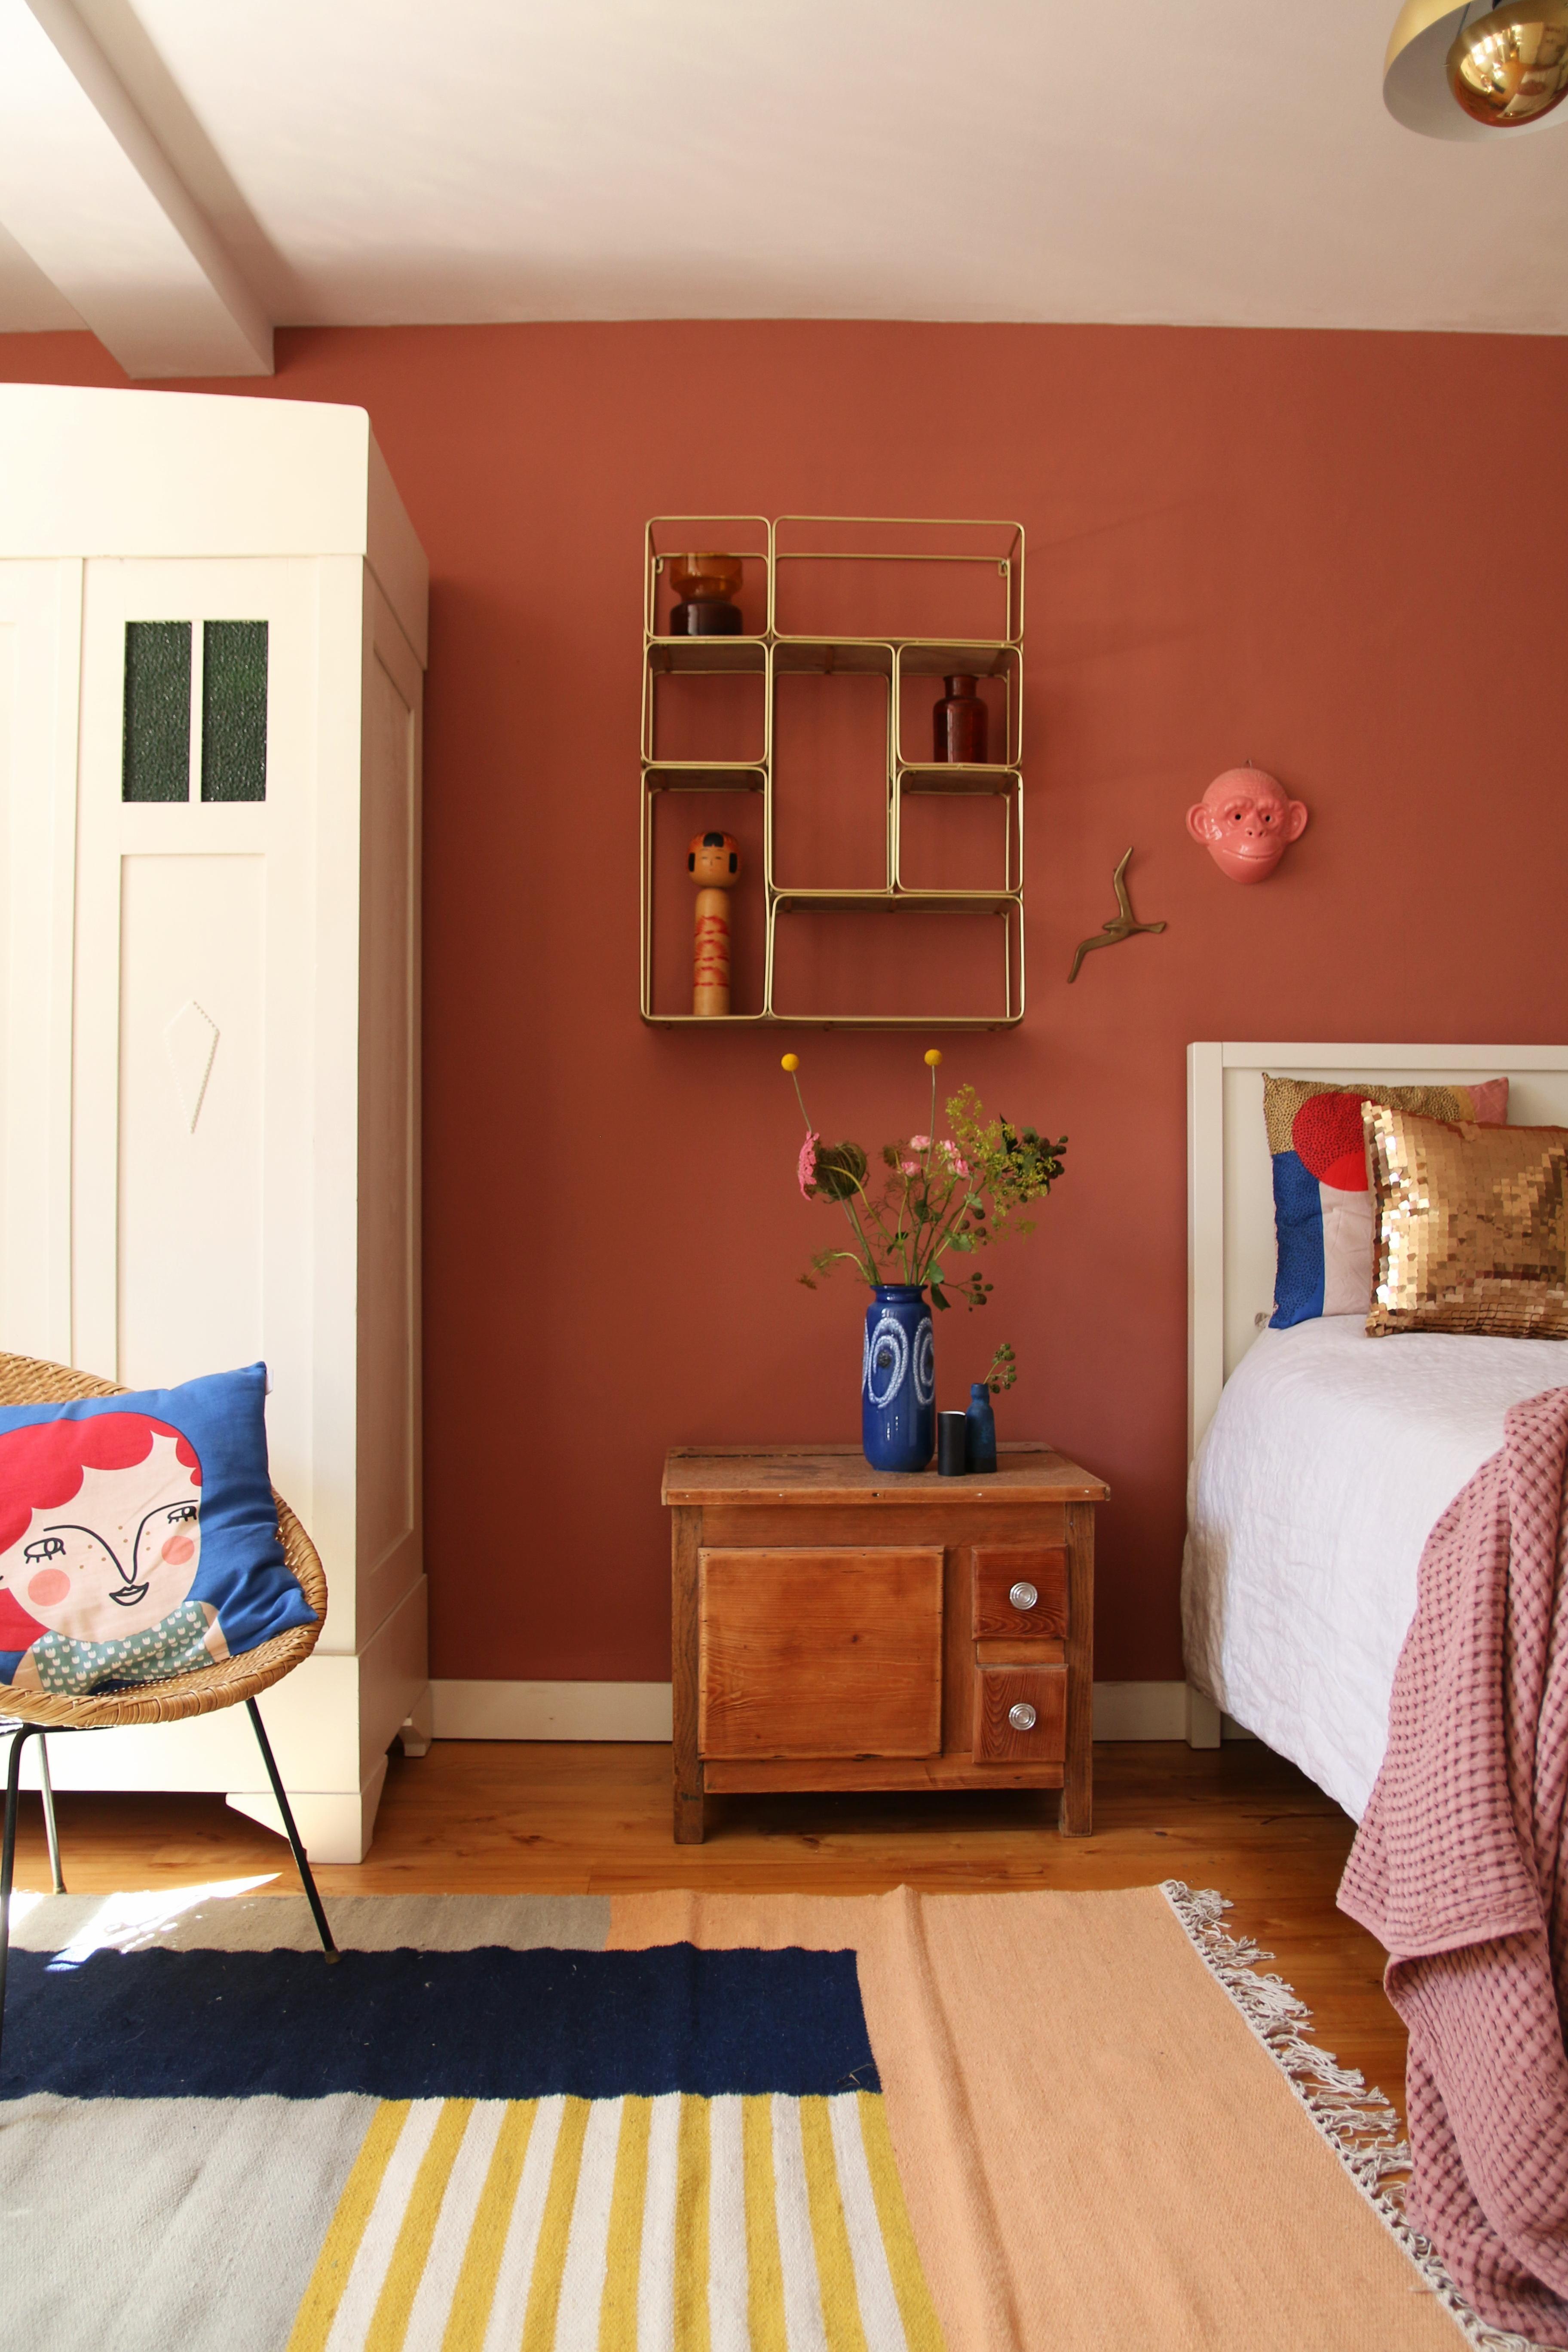 schlafzimmer 11 qm einrichten wohnzimmer schlafzimmer langes einrichten biber bettw sche f r. Black Bedroom Furniture Sets. Home Design Ideas